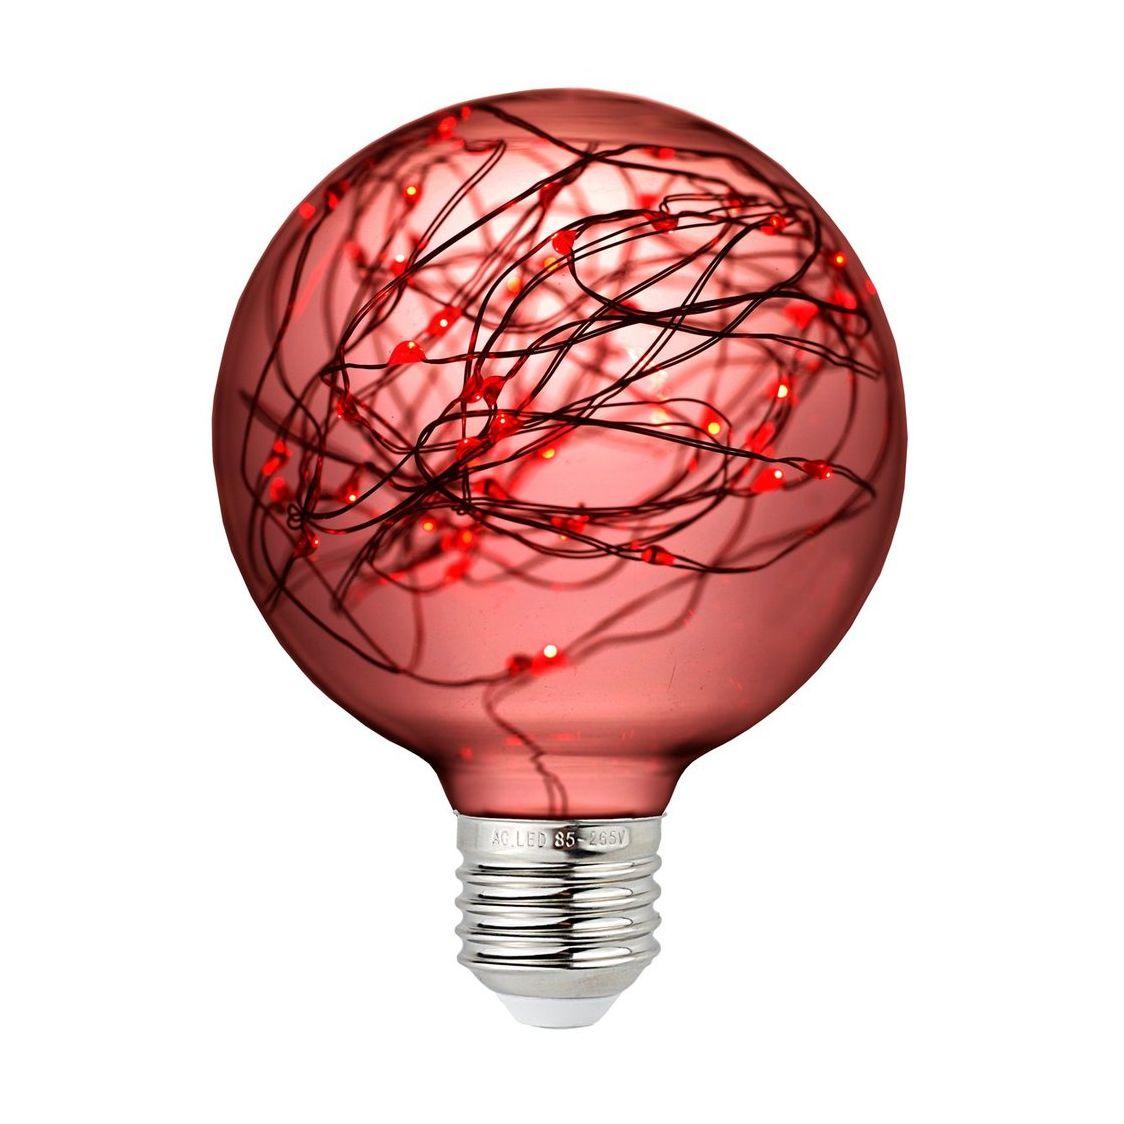 Dekoračná LED žiarovka EDISON, E27, 150lm, Globus, Červená